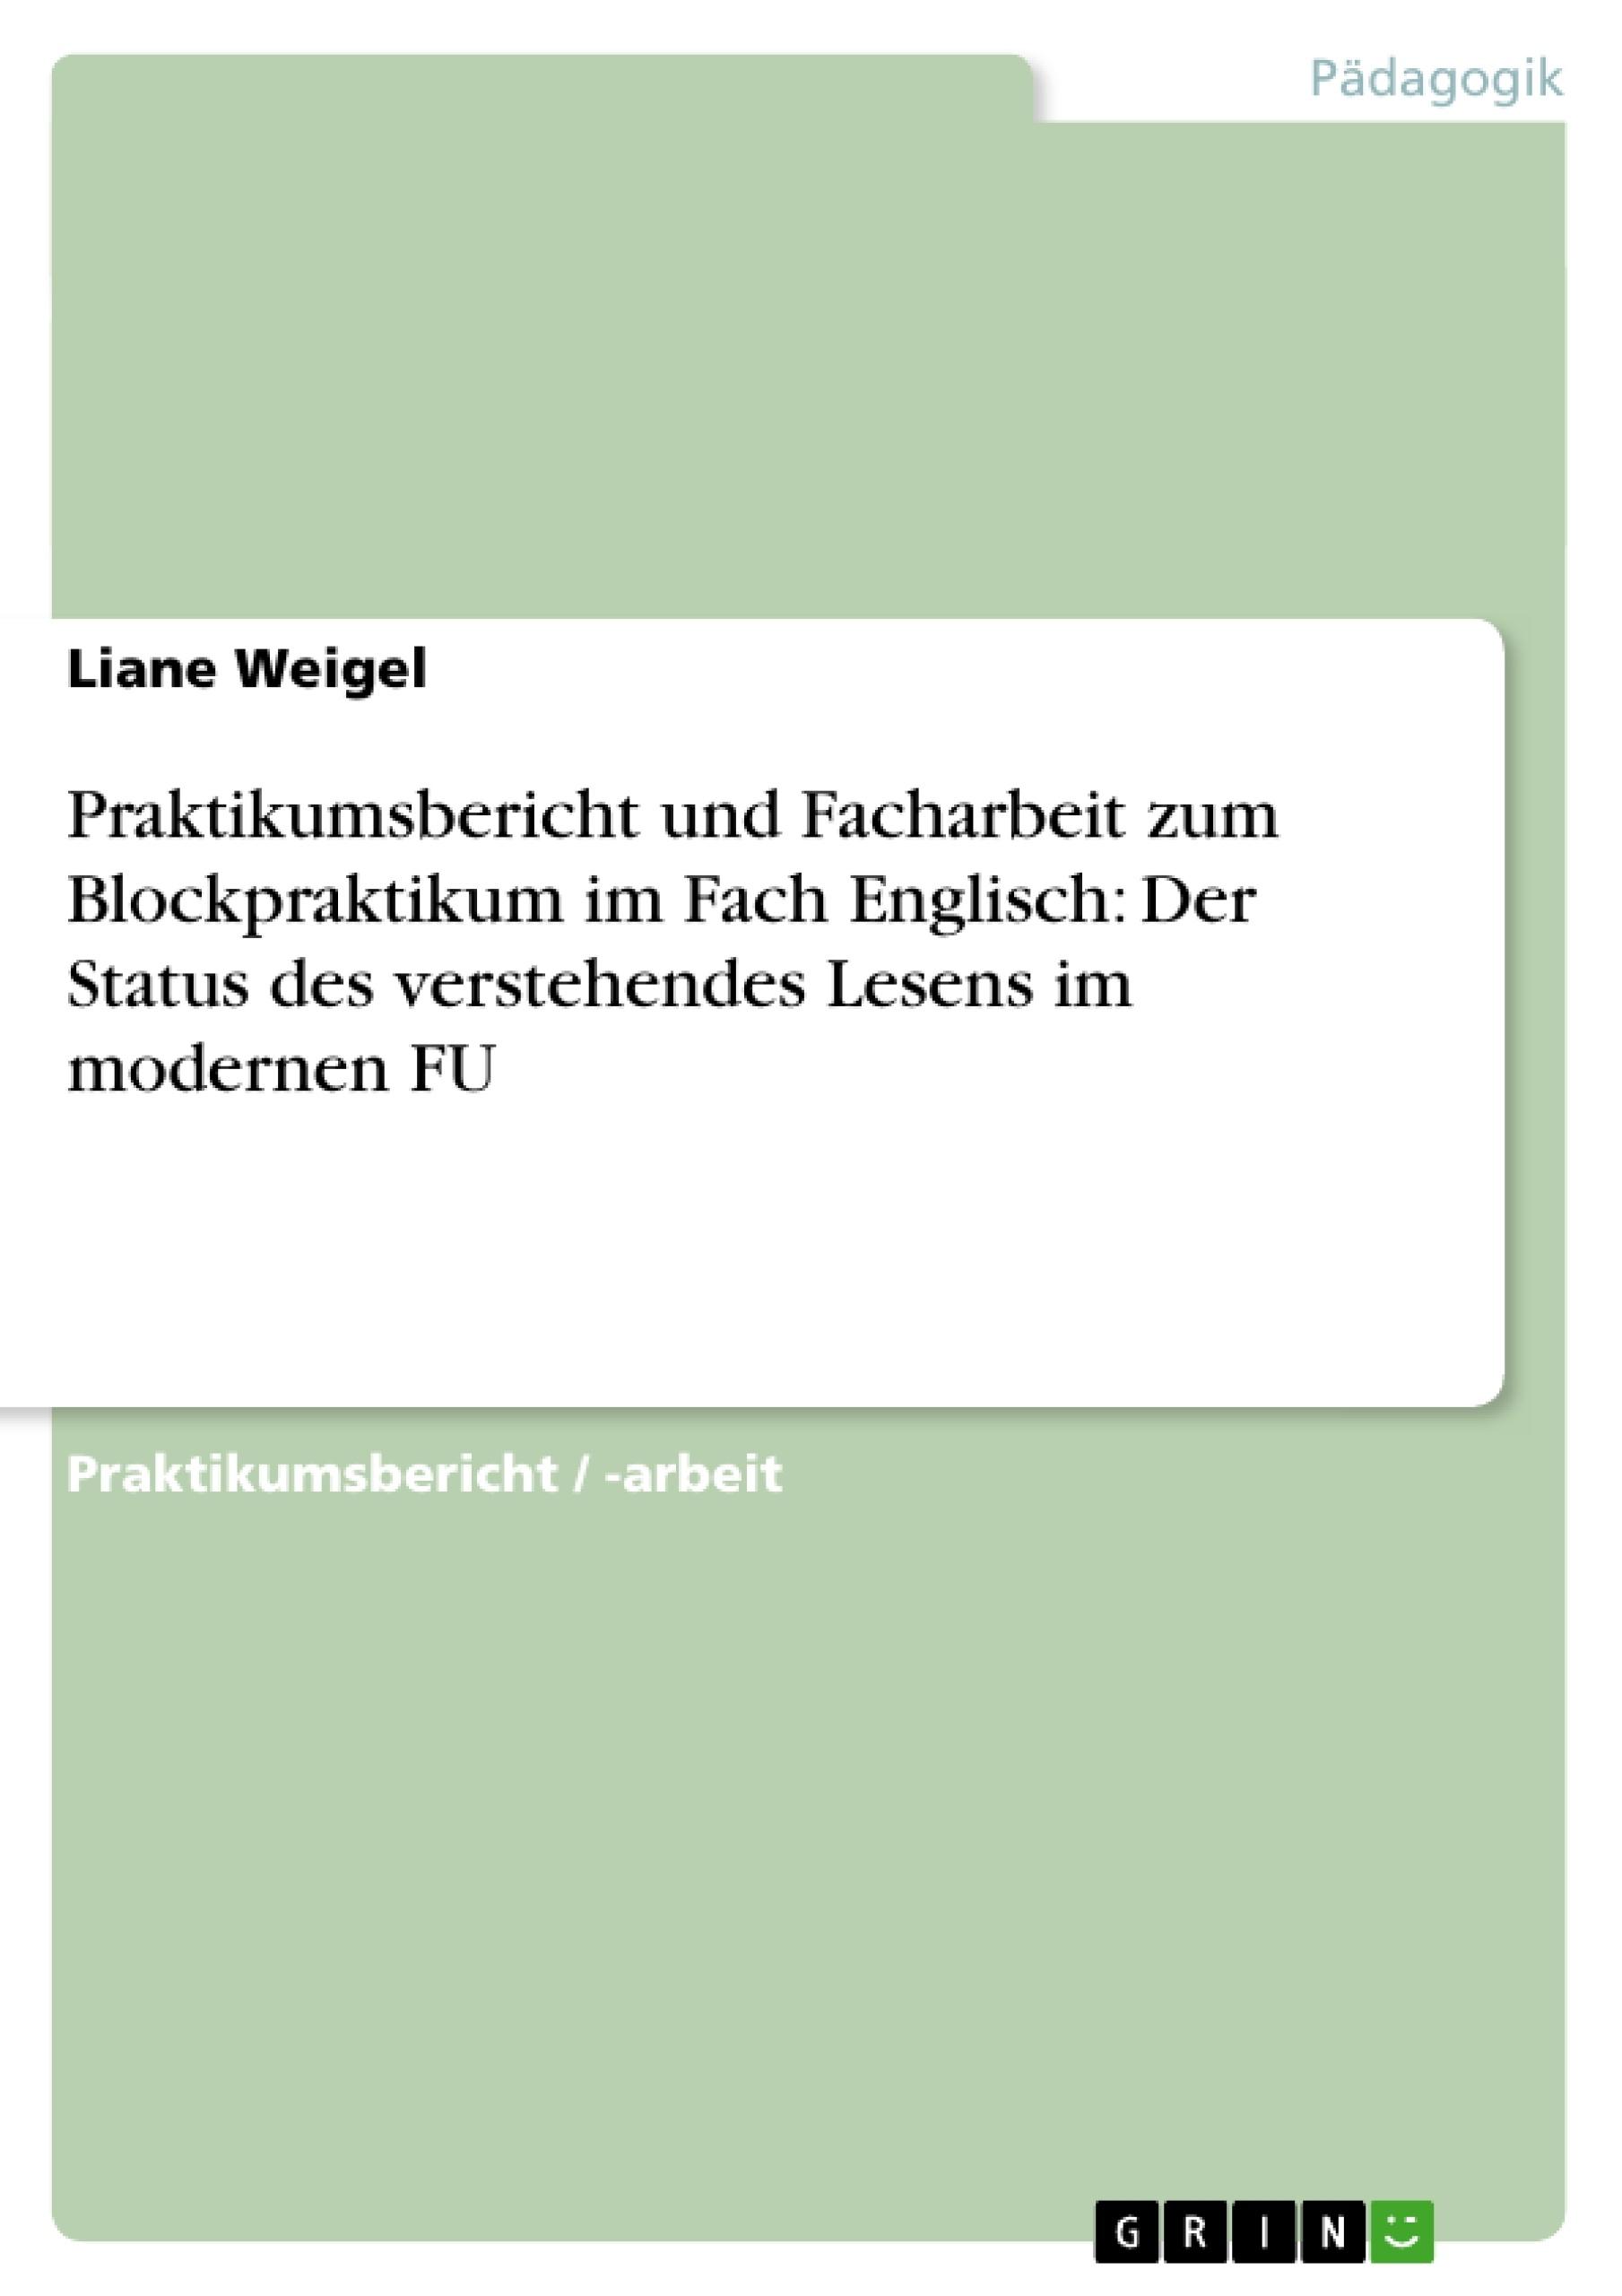 Titel: Praktikumsbericht und Facharbeit zum Blockpraktikum im Fach Englisch: Der Status des verstehendes Lesens im modernen FU